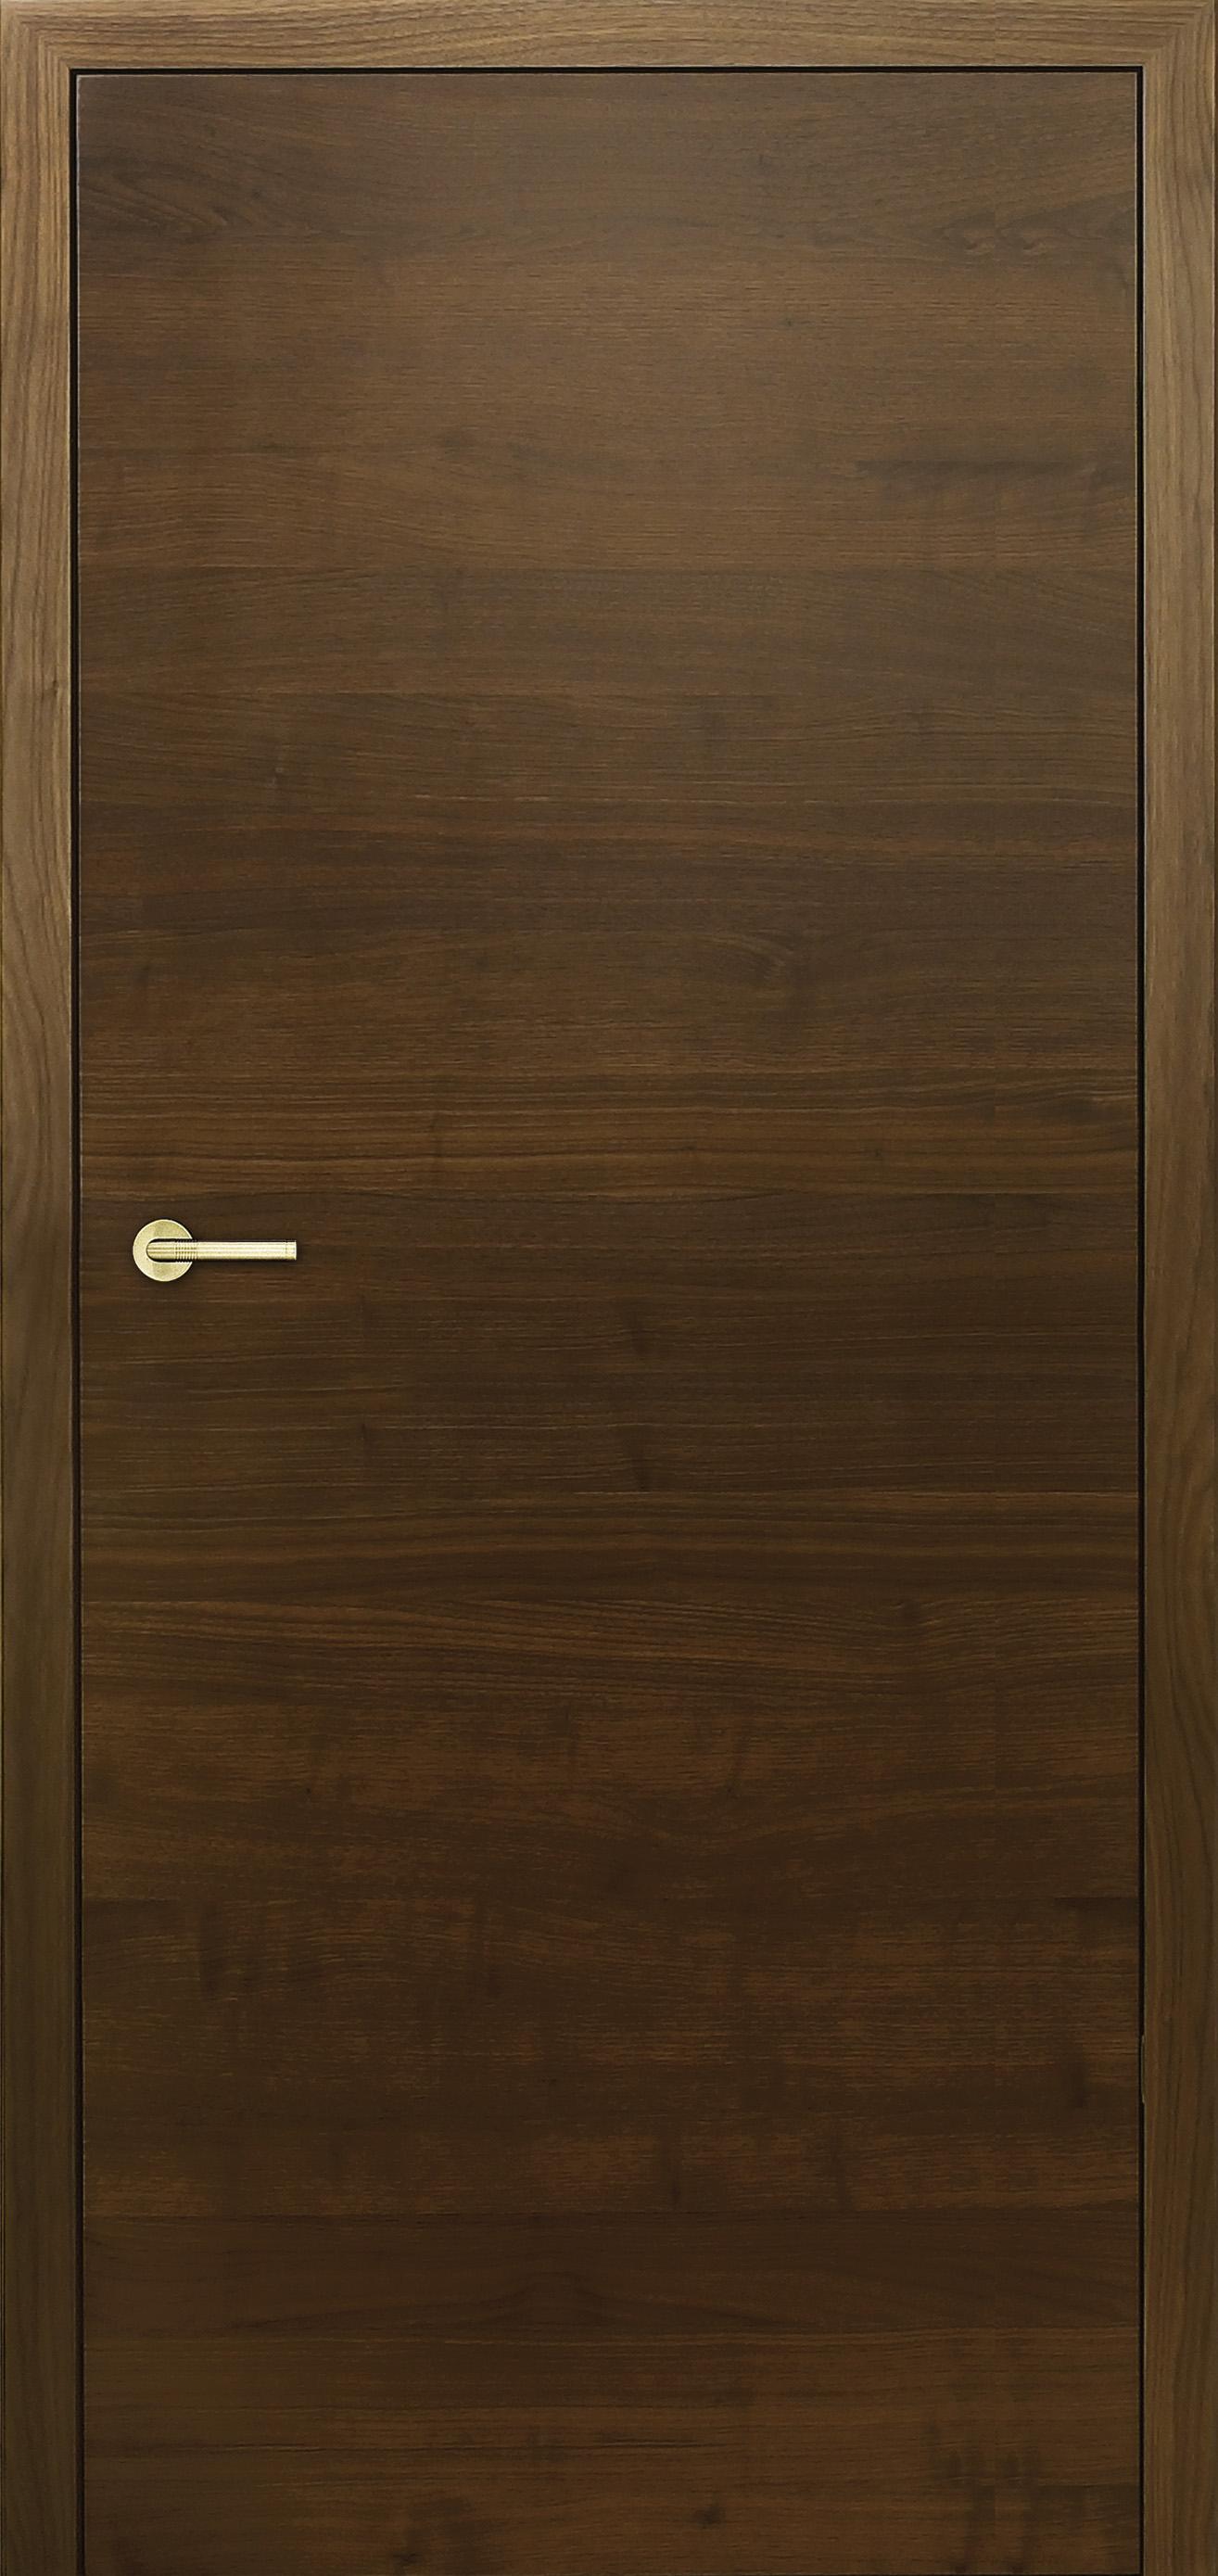 Timber veneer kitchen tambour doors tambortech - Solid Wooden Doors Bespoke Solid Walnut Doors Image Number 27 Of Timber Door Veneers